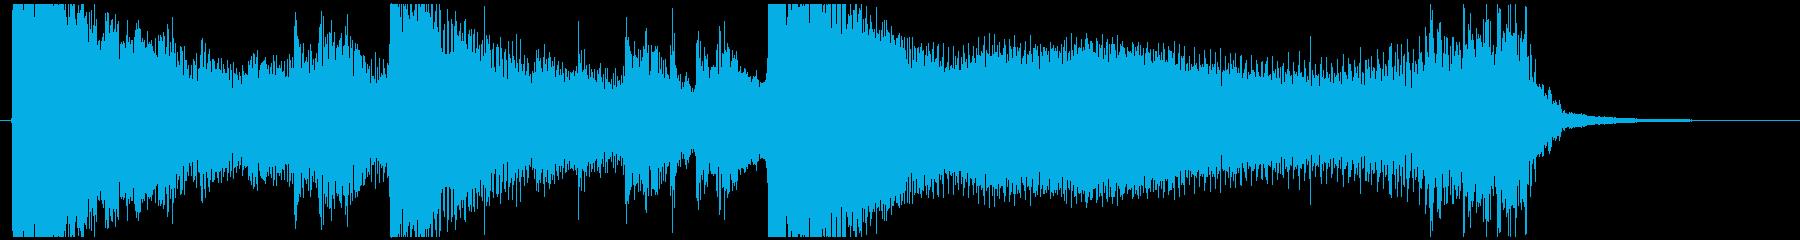 海の底に沈んでいくような壮大なジングルの再生済みの波形